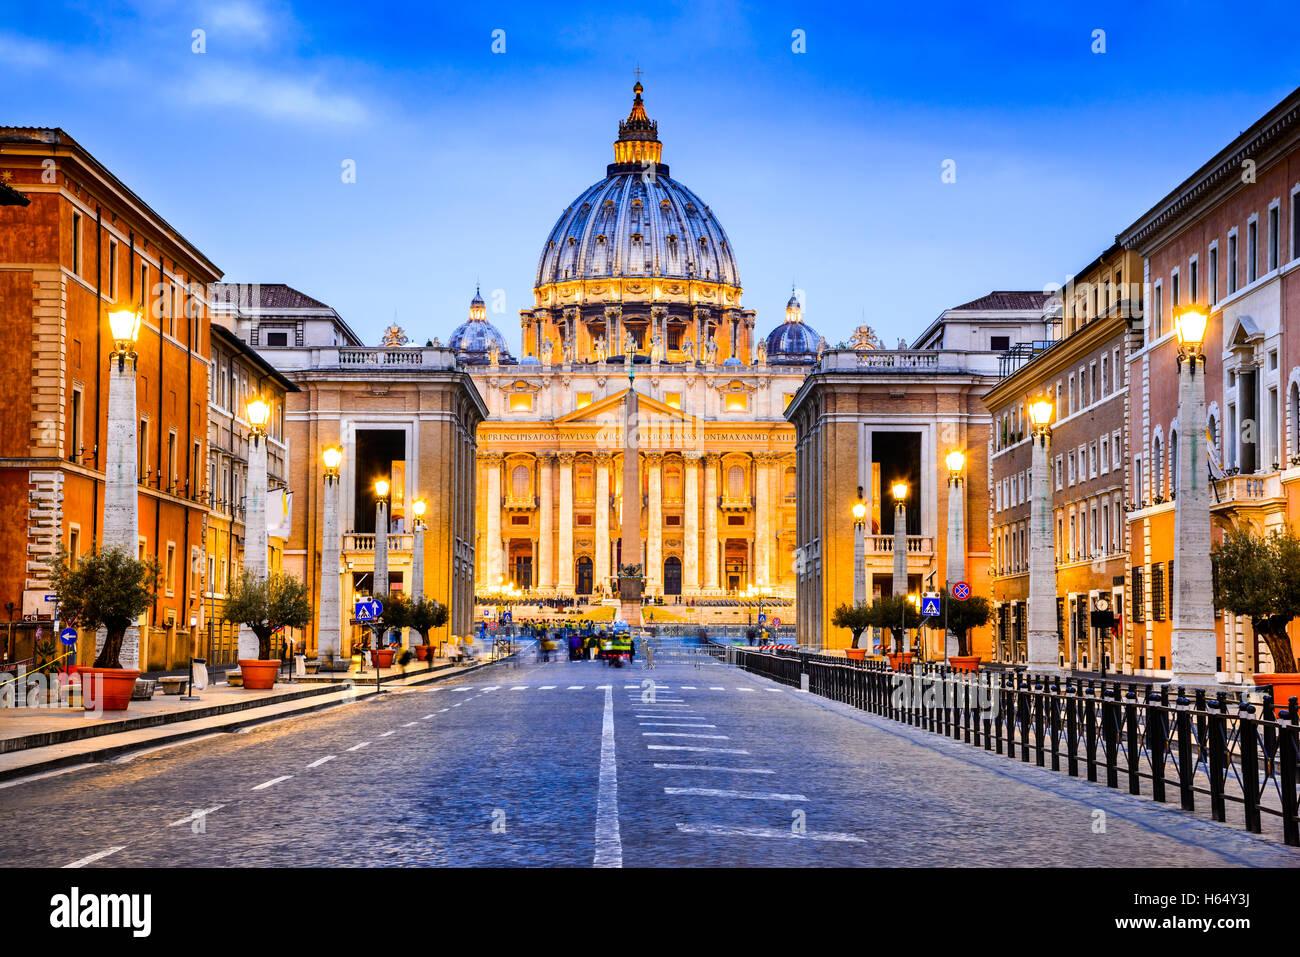 Rome, Italie. La Basilique Papale de Saint Pierre au Vatican (Basilique Papale di San Pietro in Vaticano) Banque D'Images